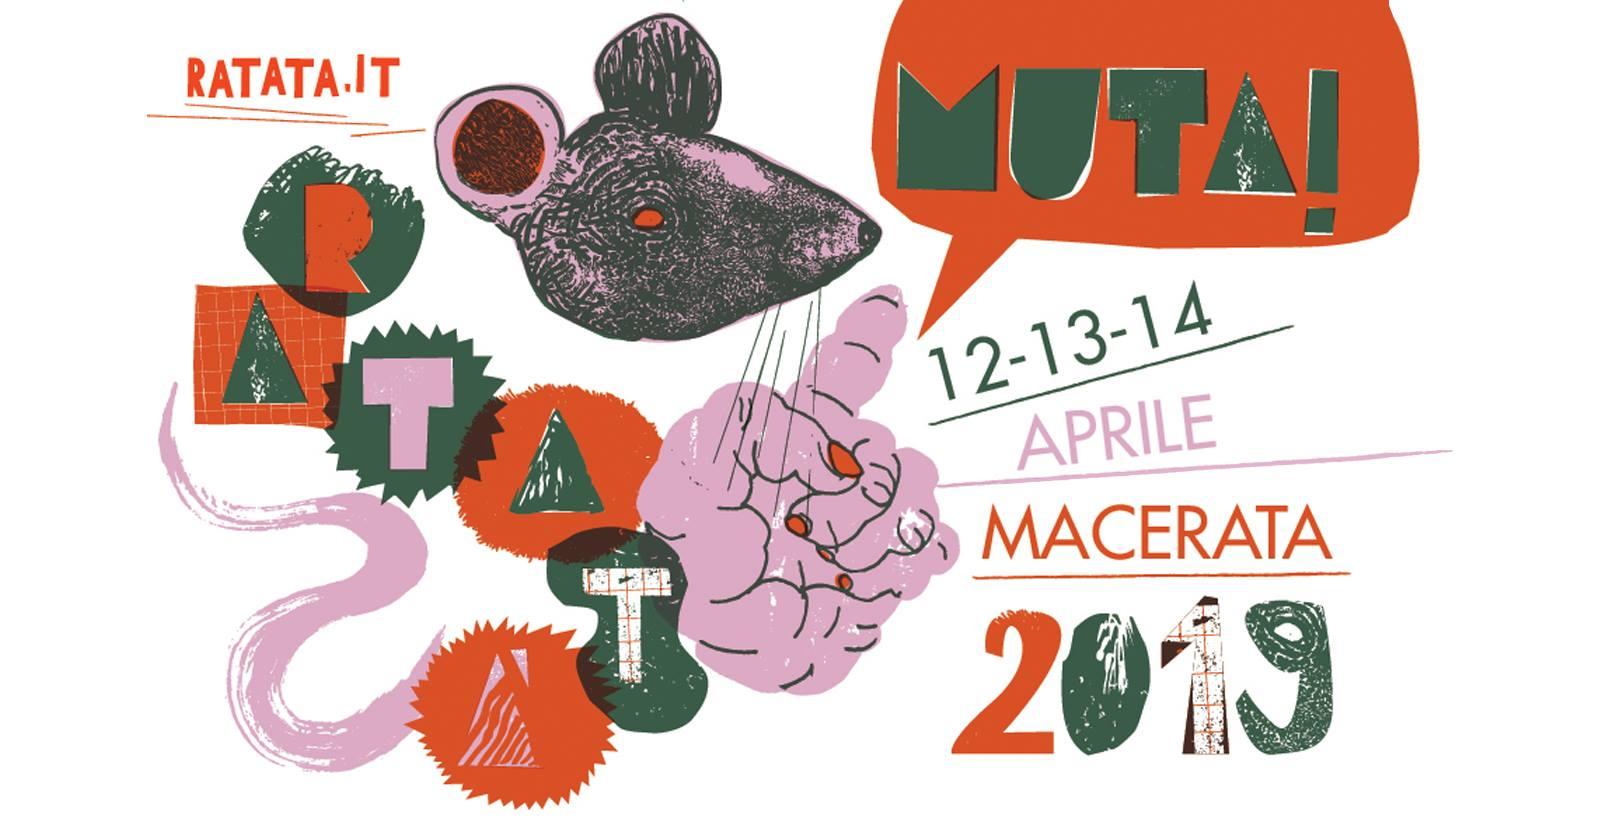 Macerata, il cambiamento silenzioso di Ratatà Festival